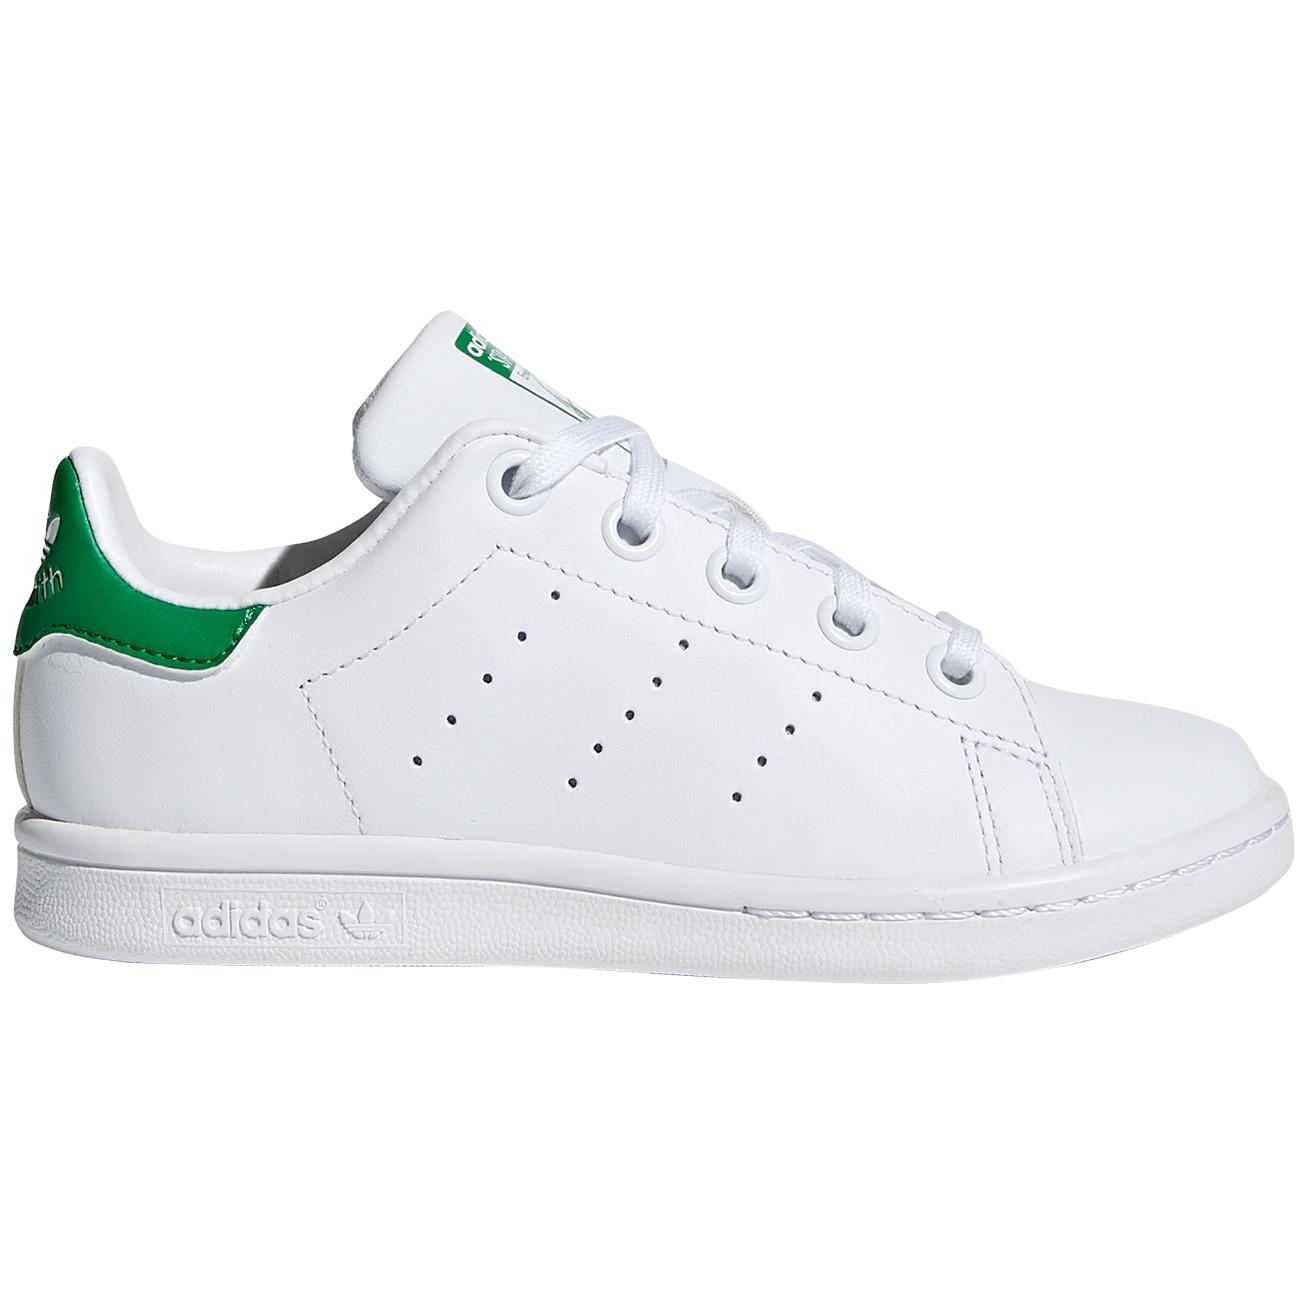 e97c98b1 adidas Stan Smith Sneakers White/Green